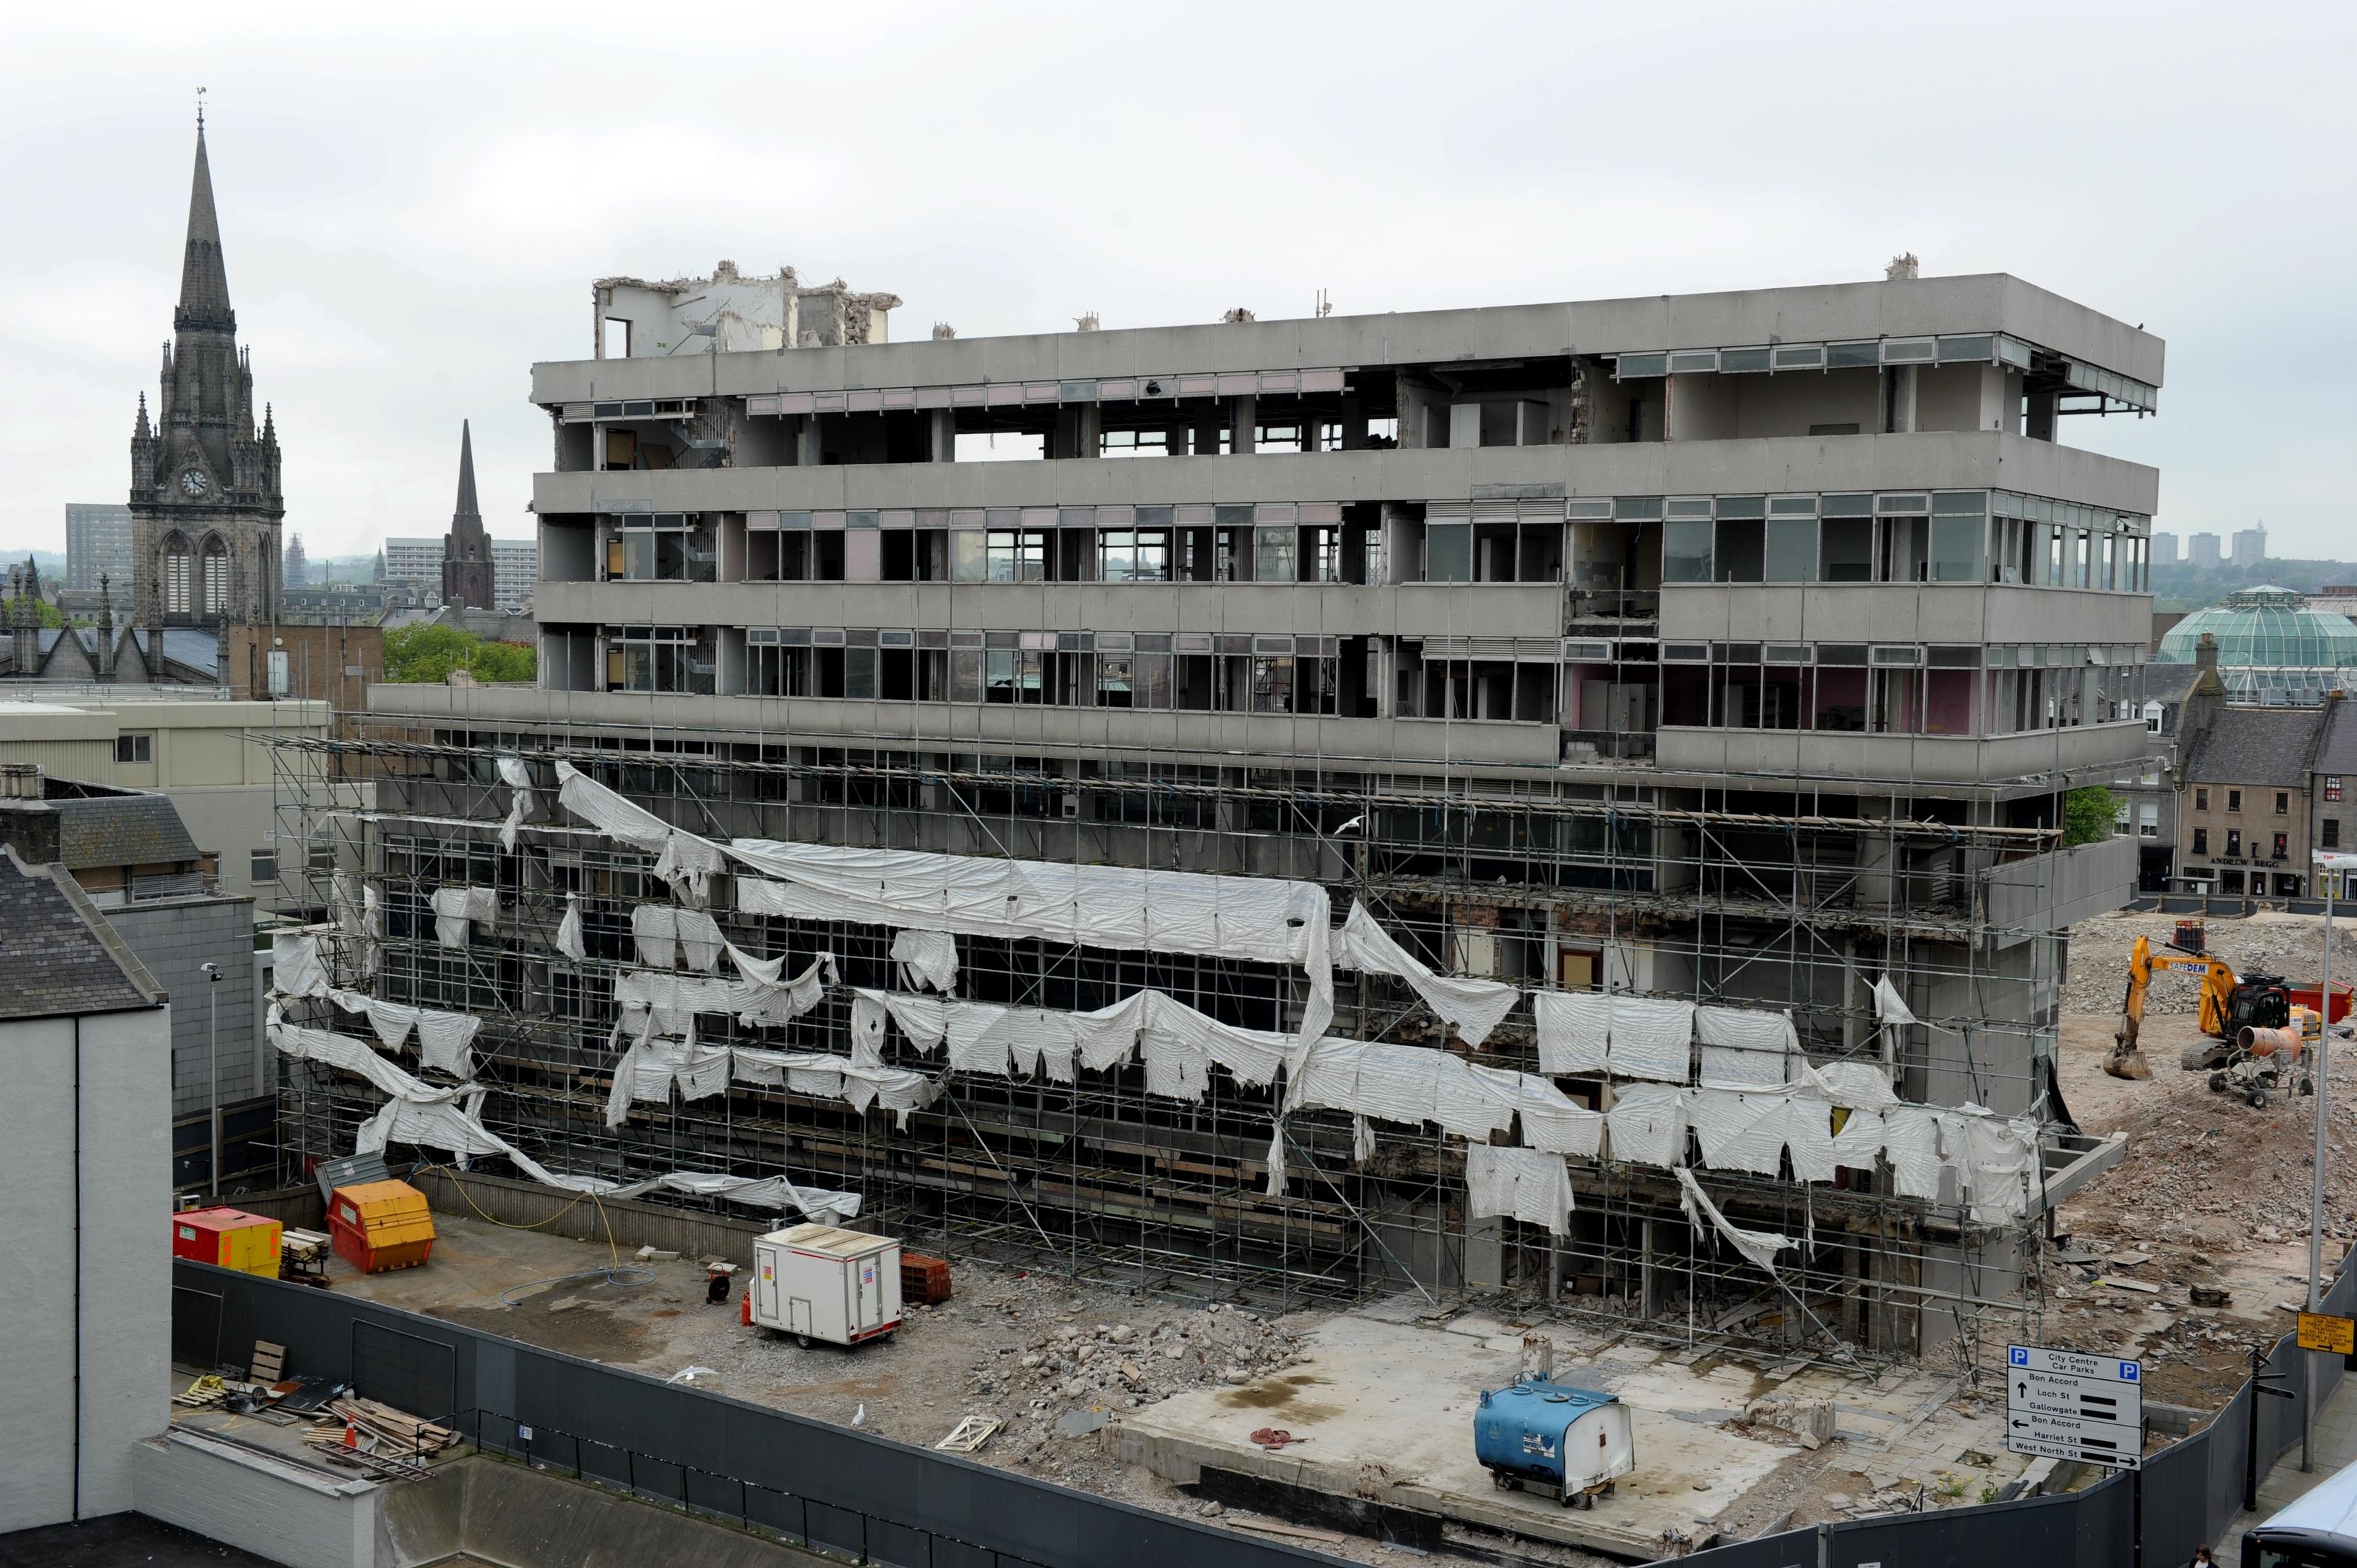 St Nicholas House set for demolition